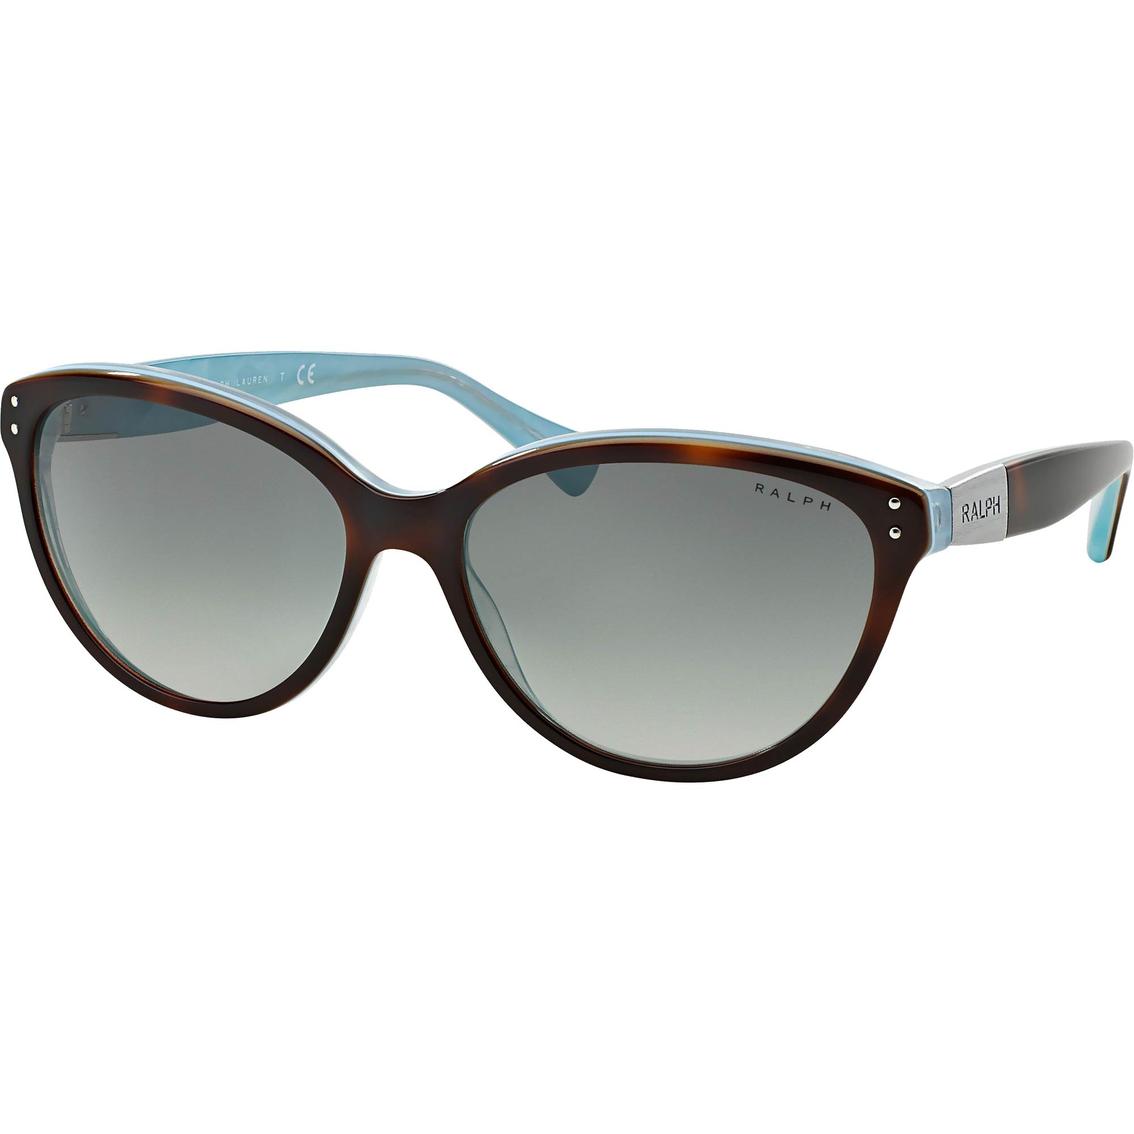 1d0e48a873d14 Ralph Lauren Plaque Cat Eye Sunglasses